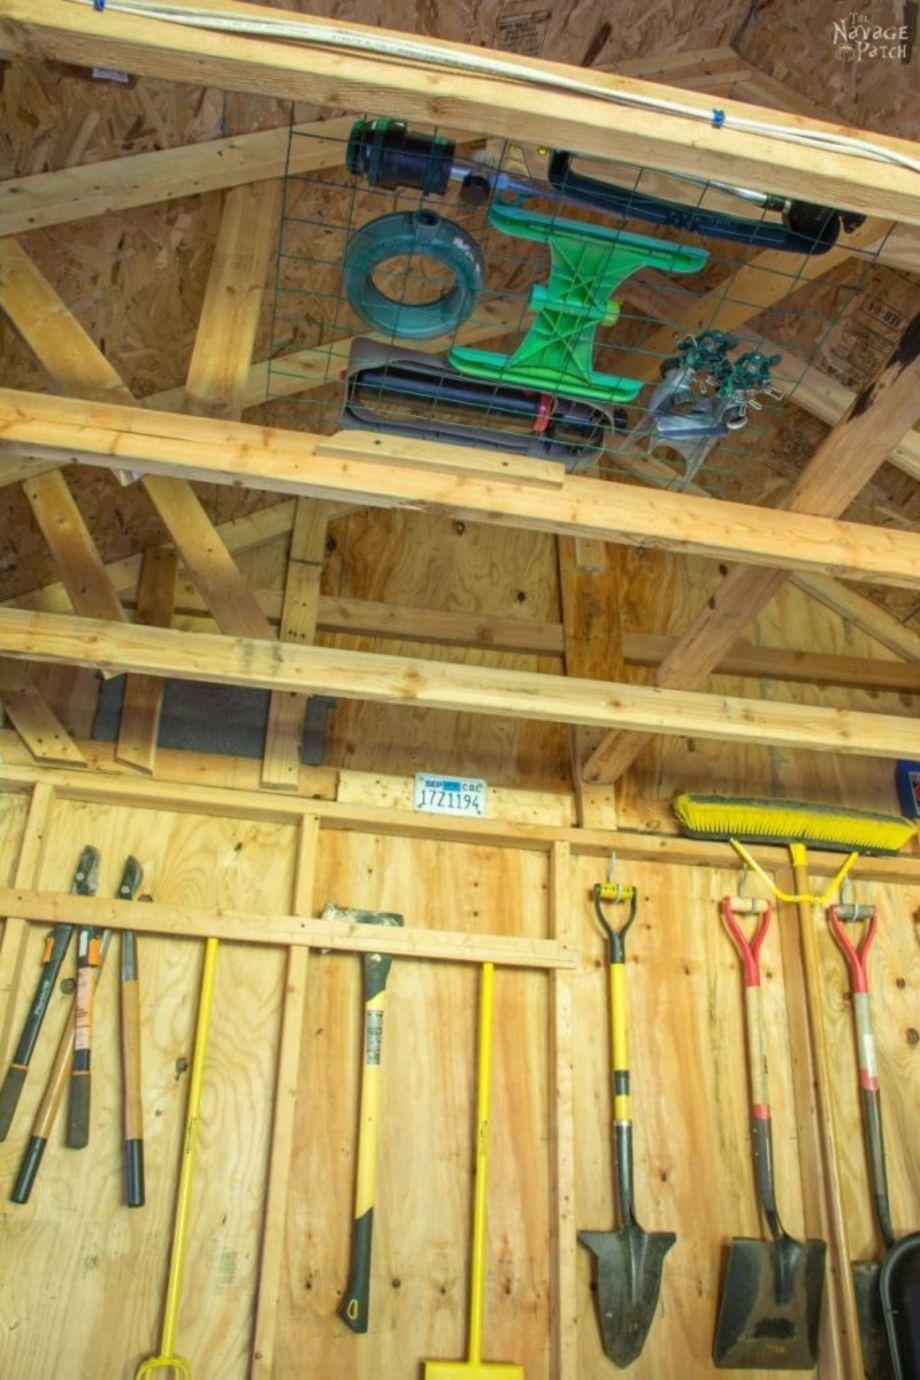 24 creative garden tool storage ideas storage shed